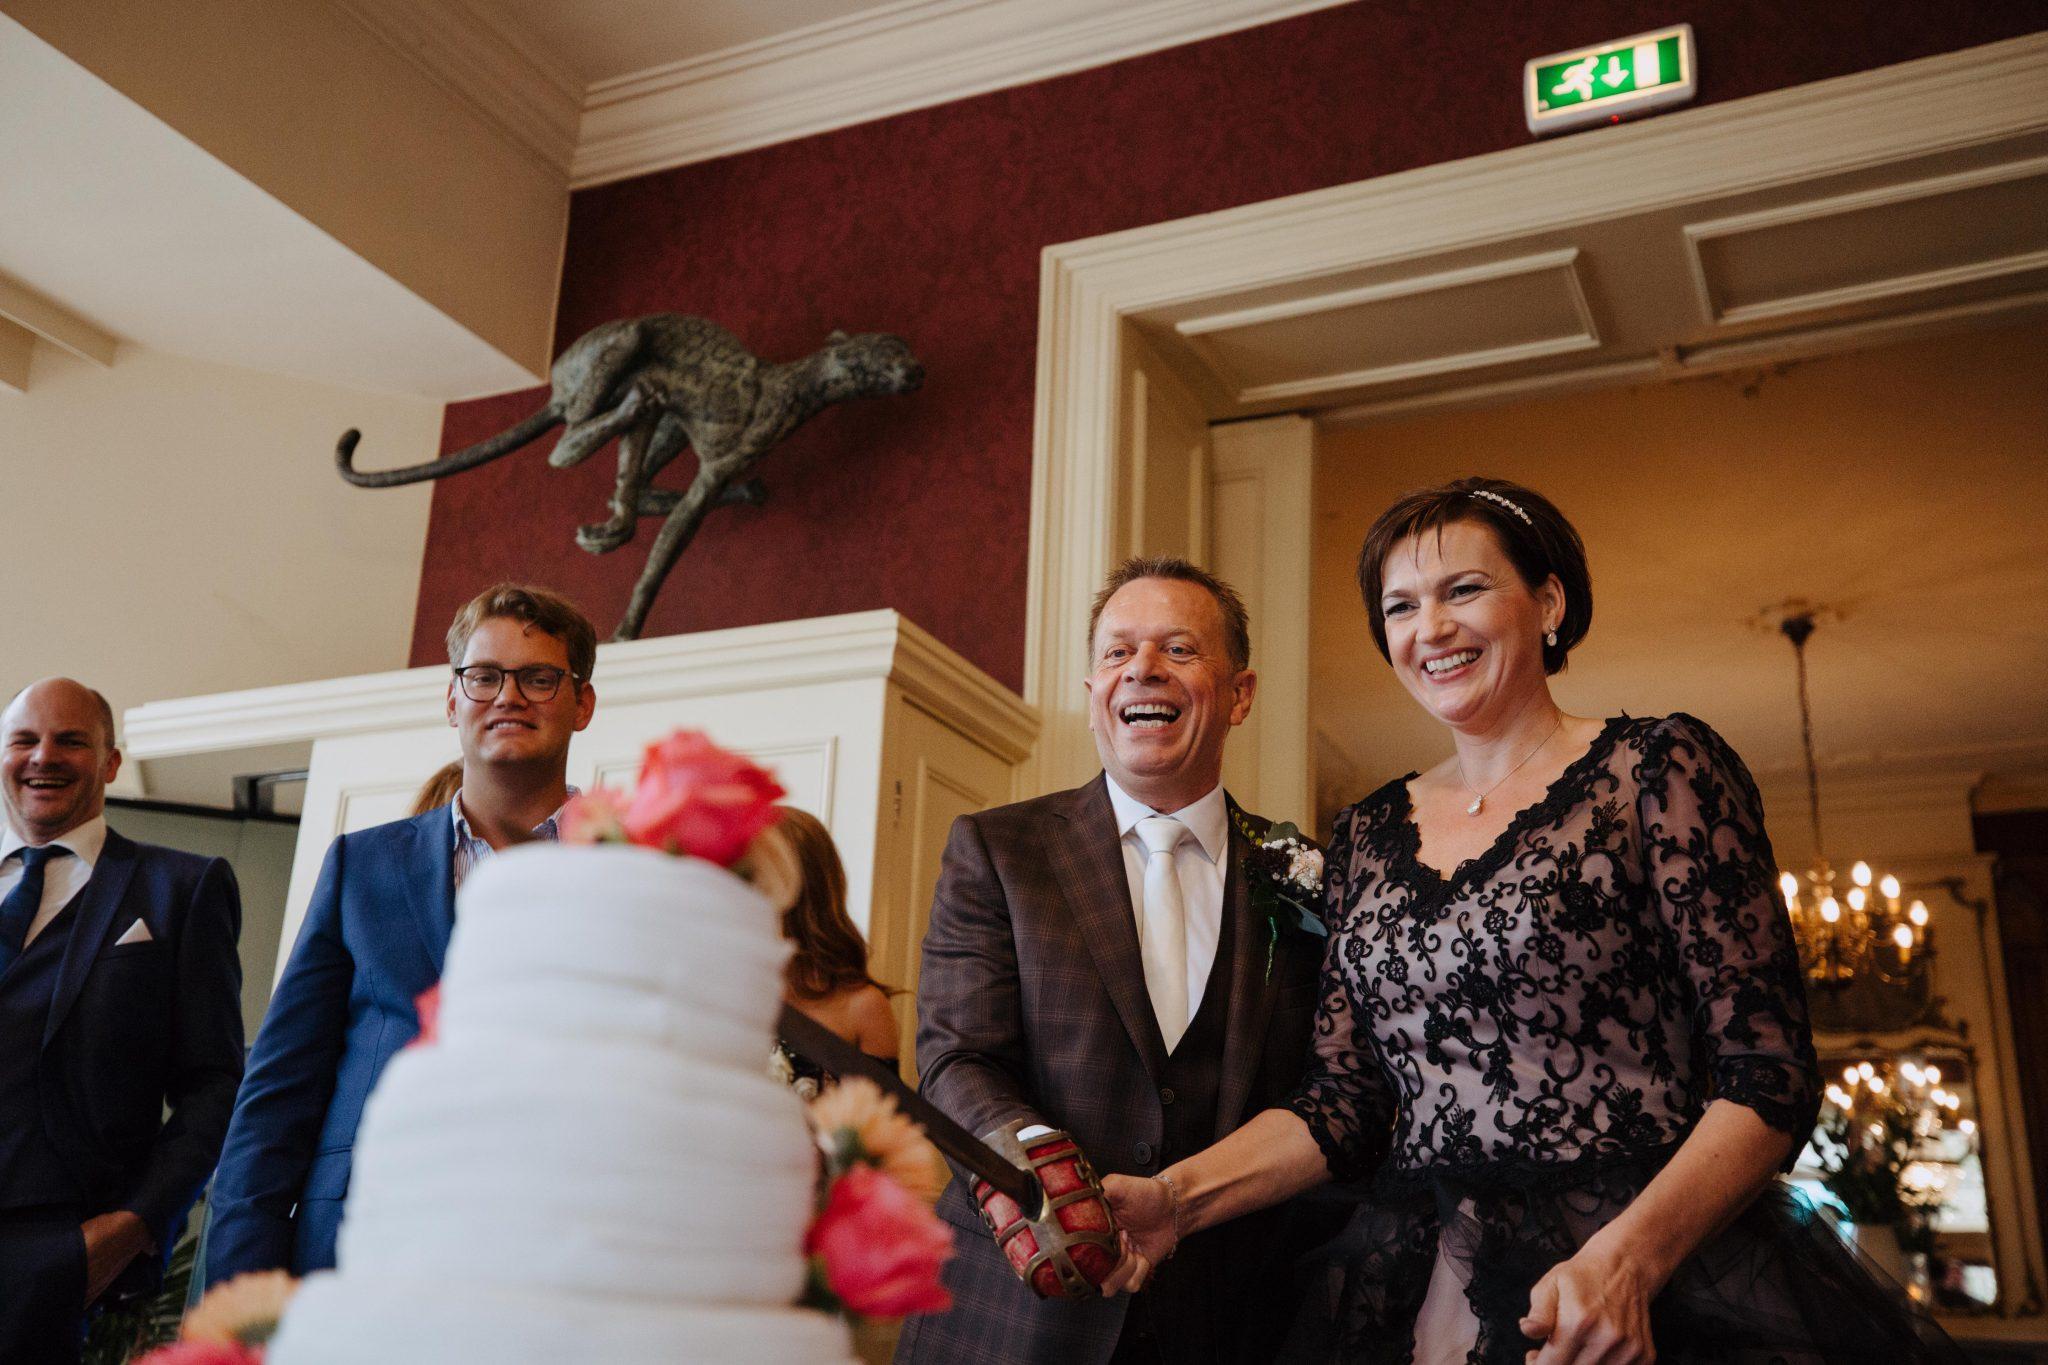 Bruidspaar snijd bruidstaart aan bruidsfotografie